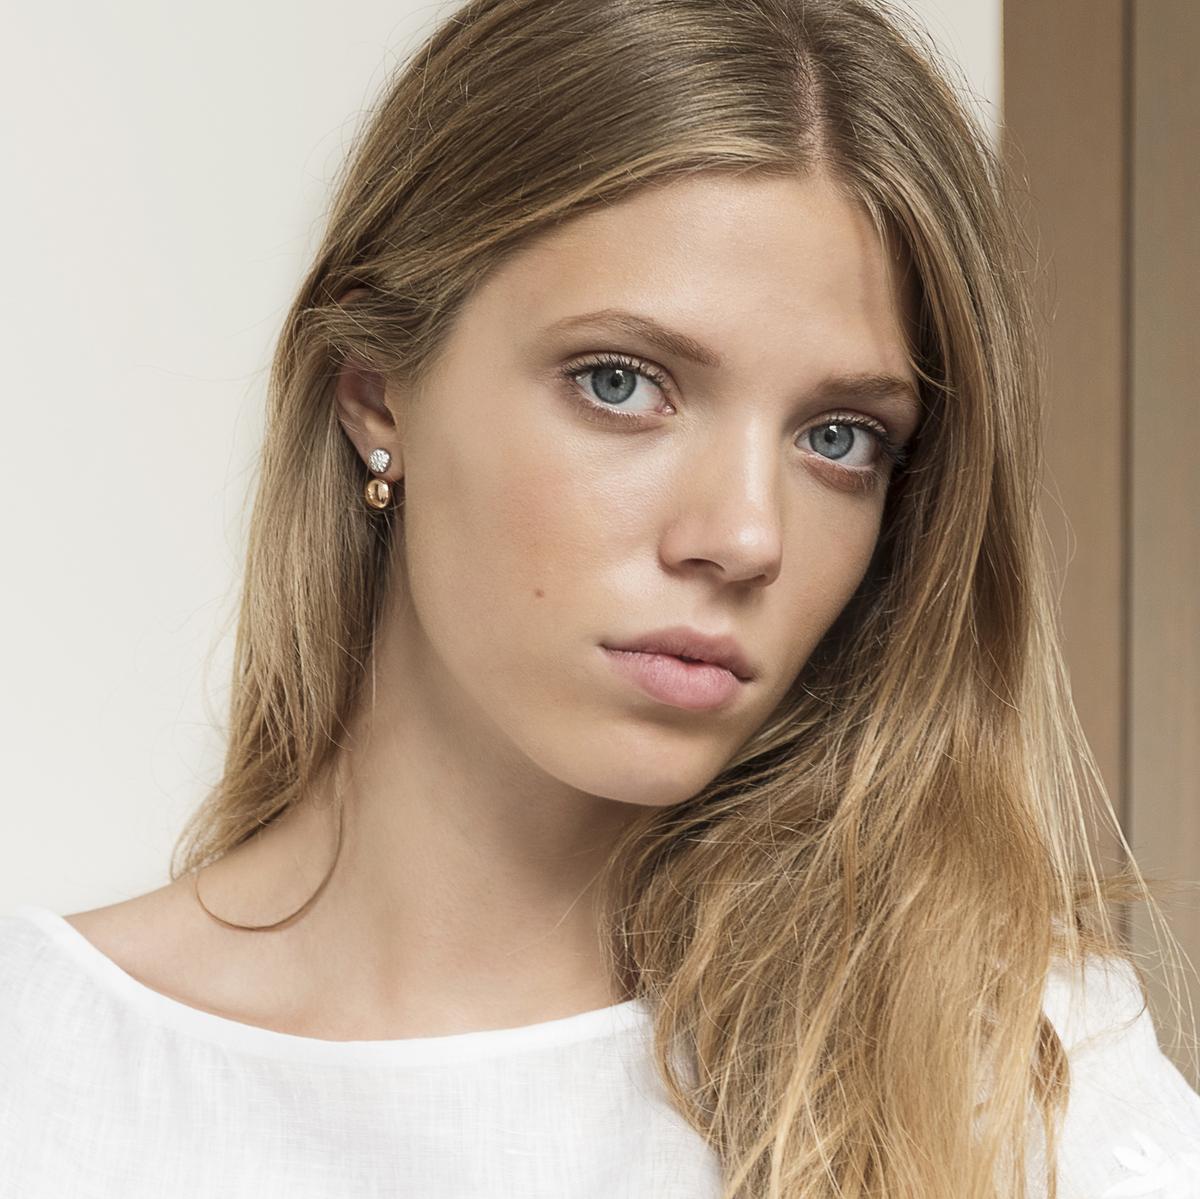 vulsini earrings in rose gold